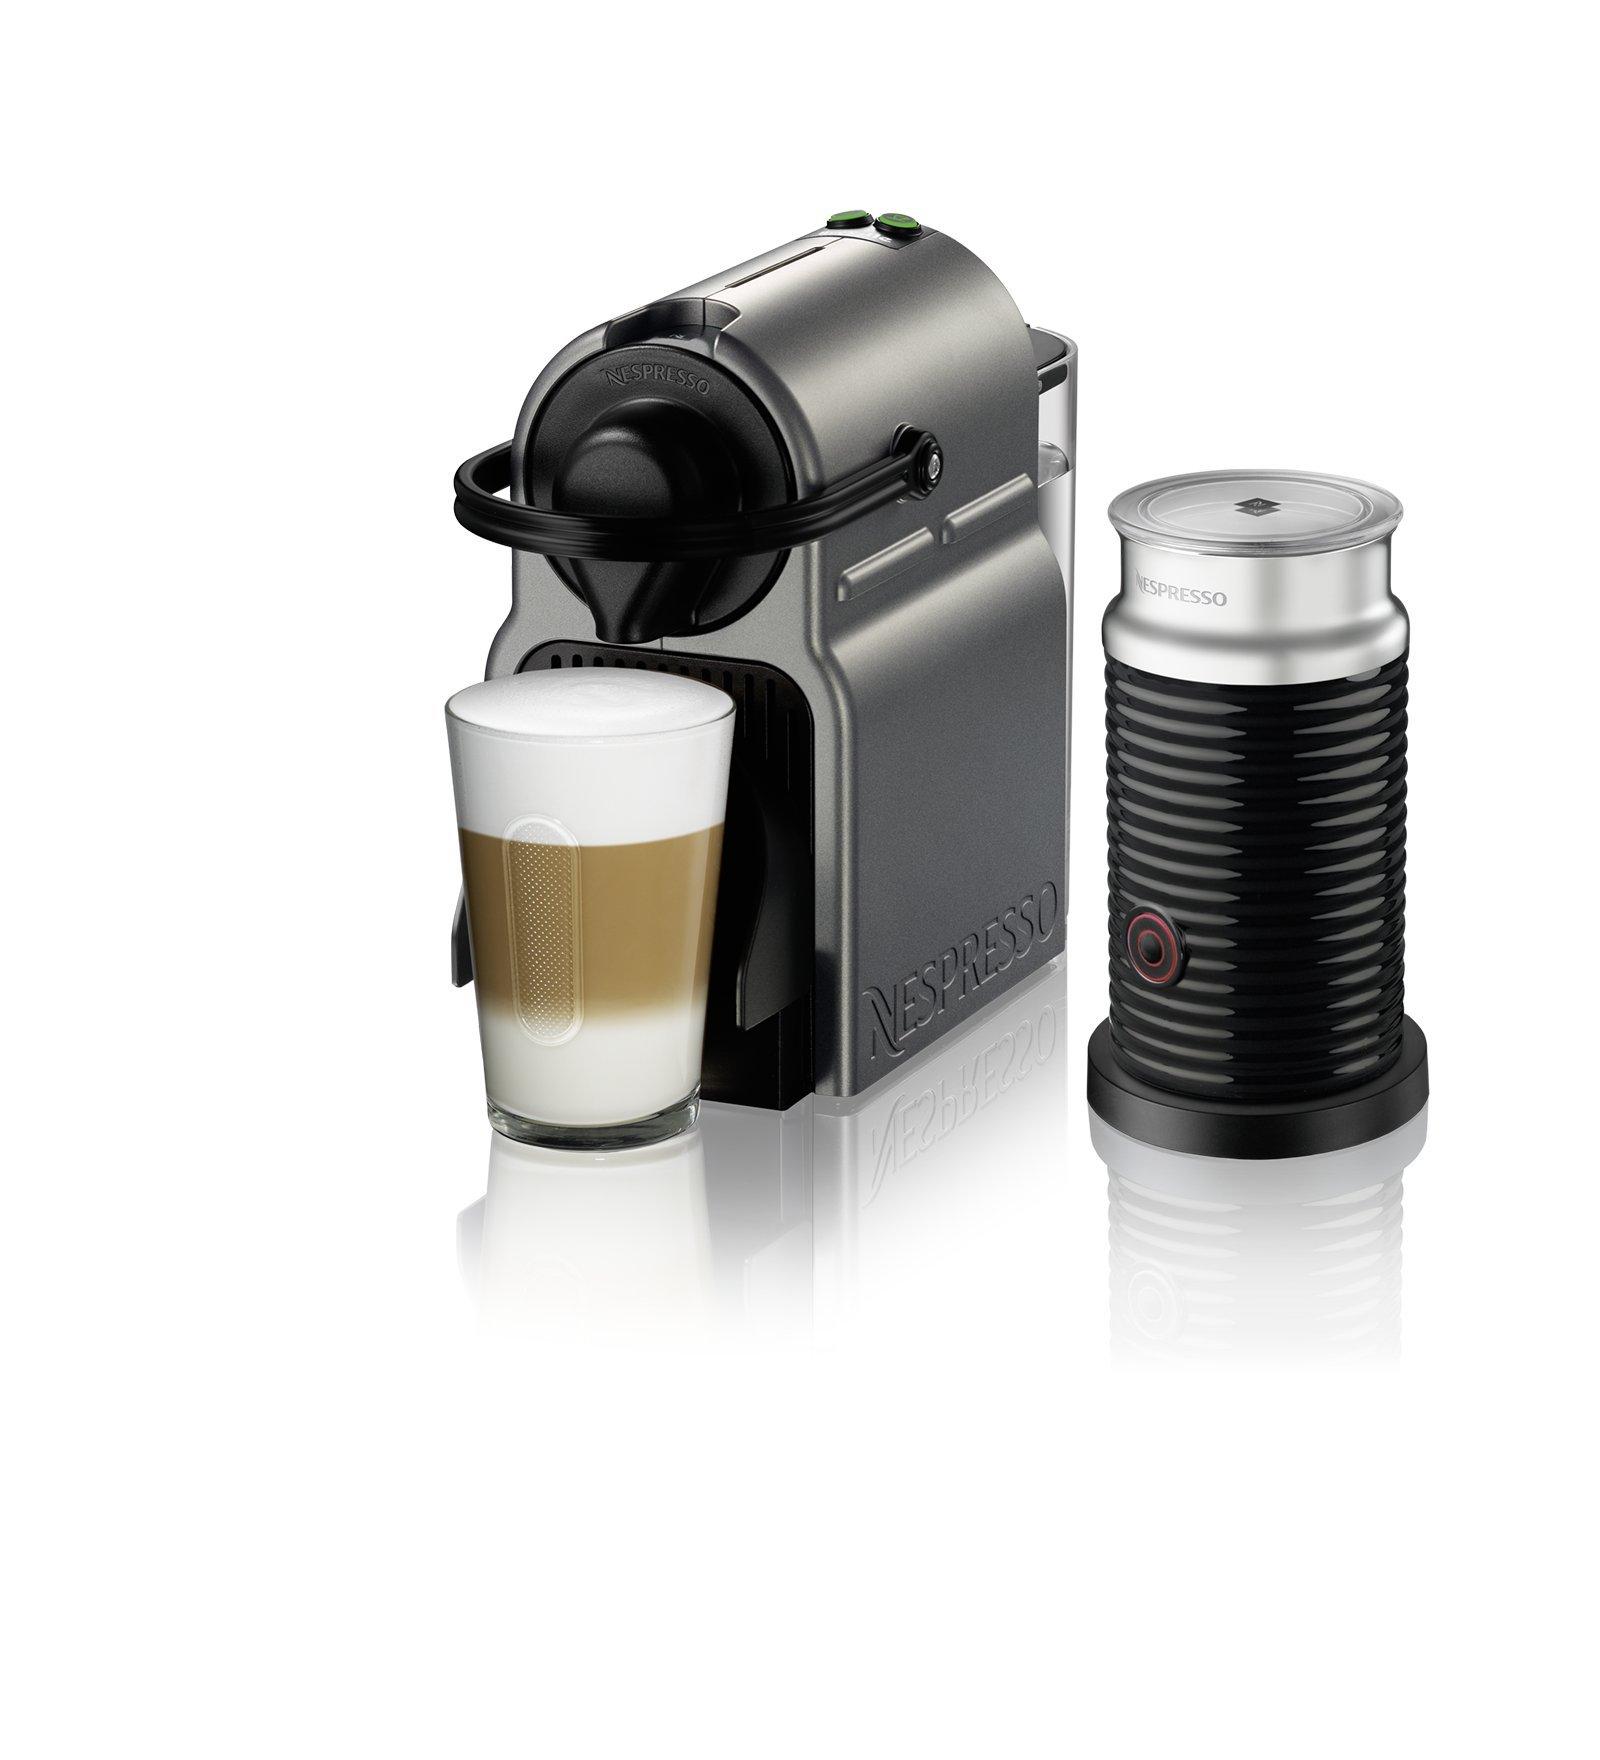 Nespresso Inissia Espresso Machine by Breville with Aeroccino, Titan